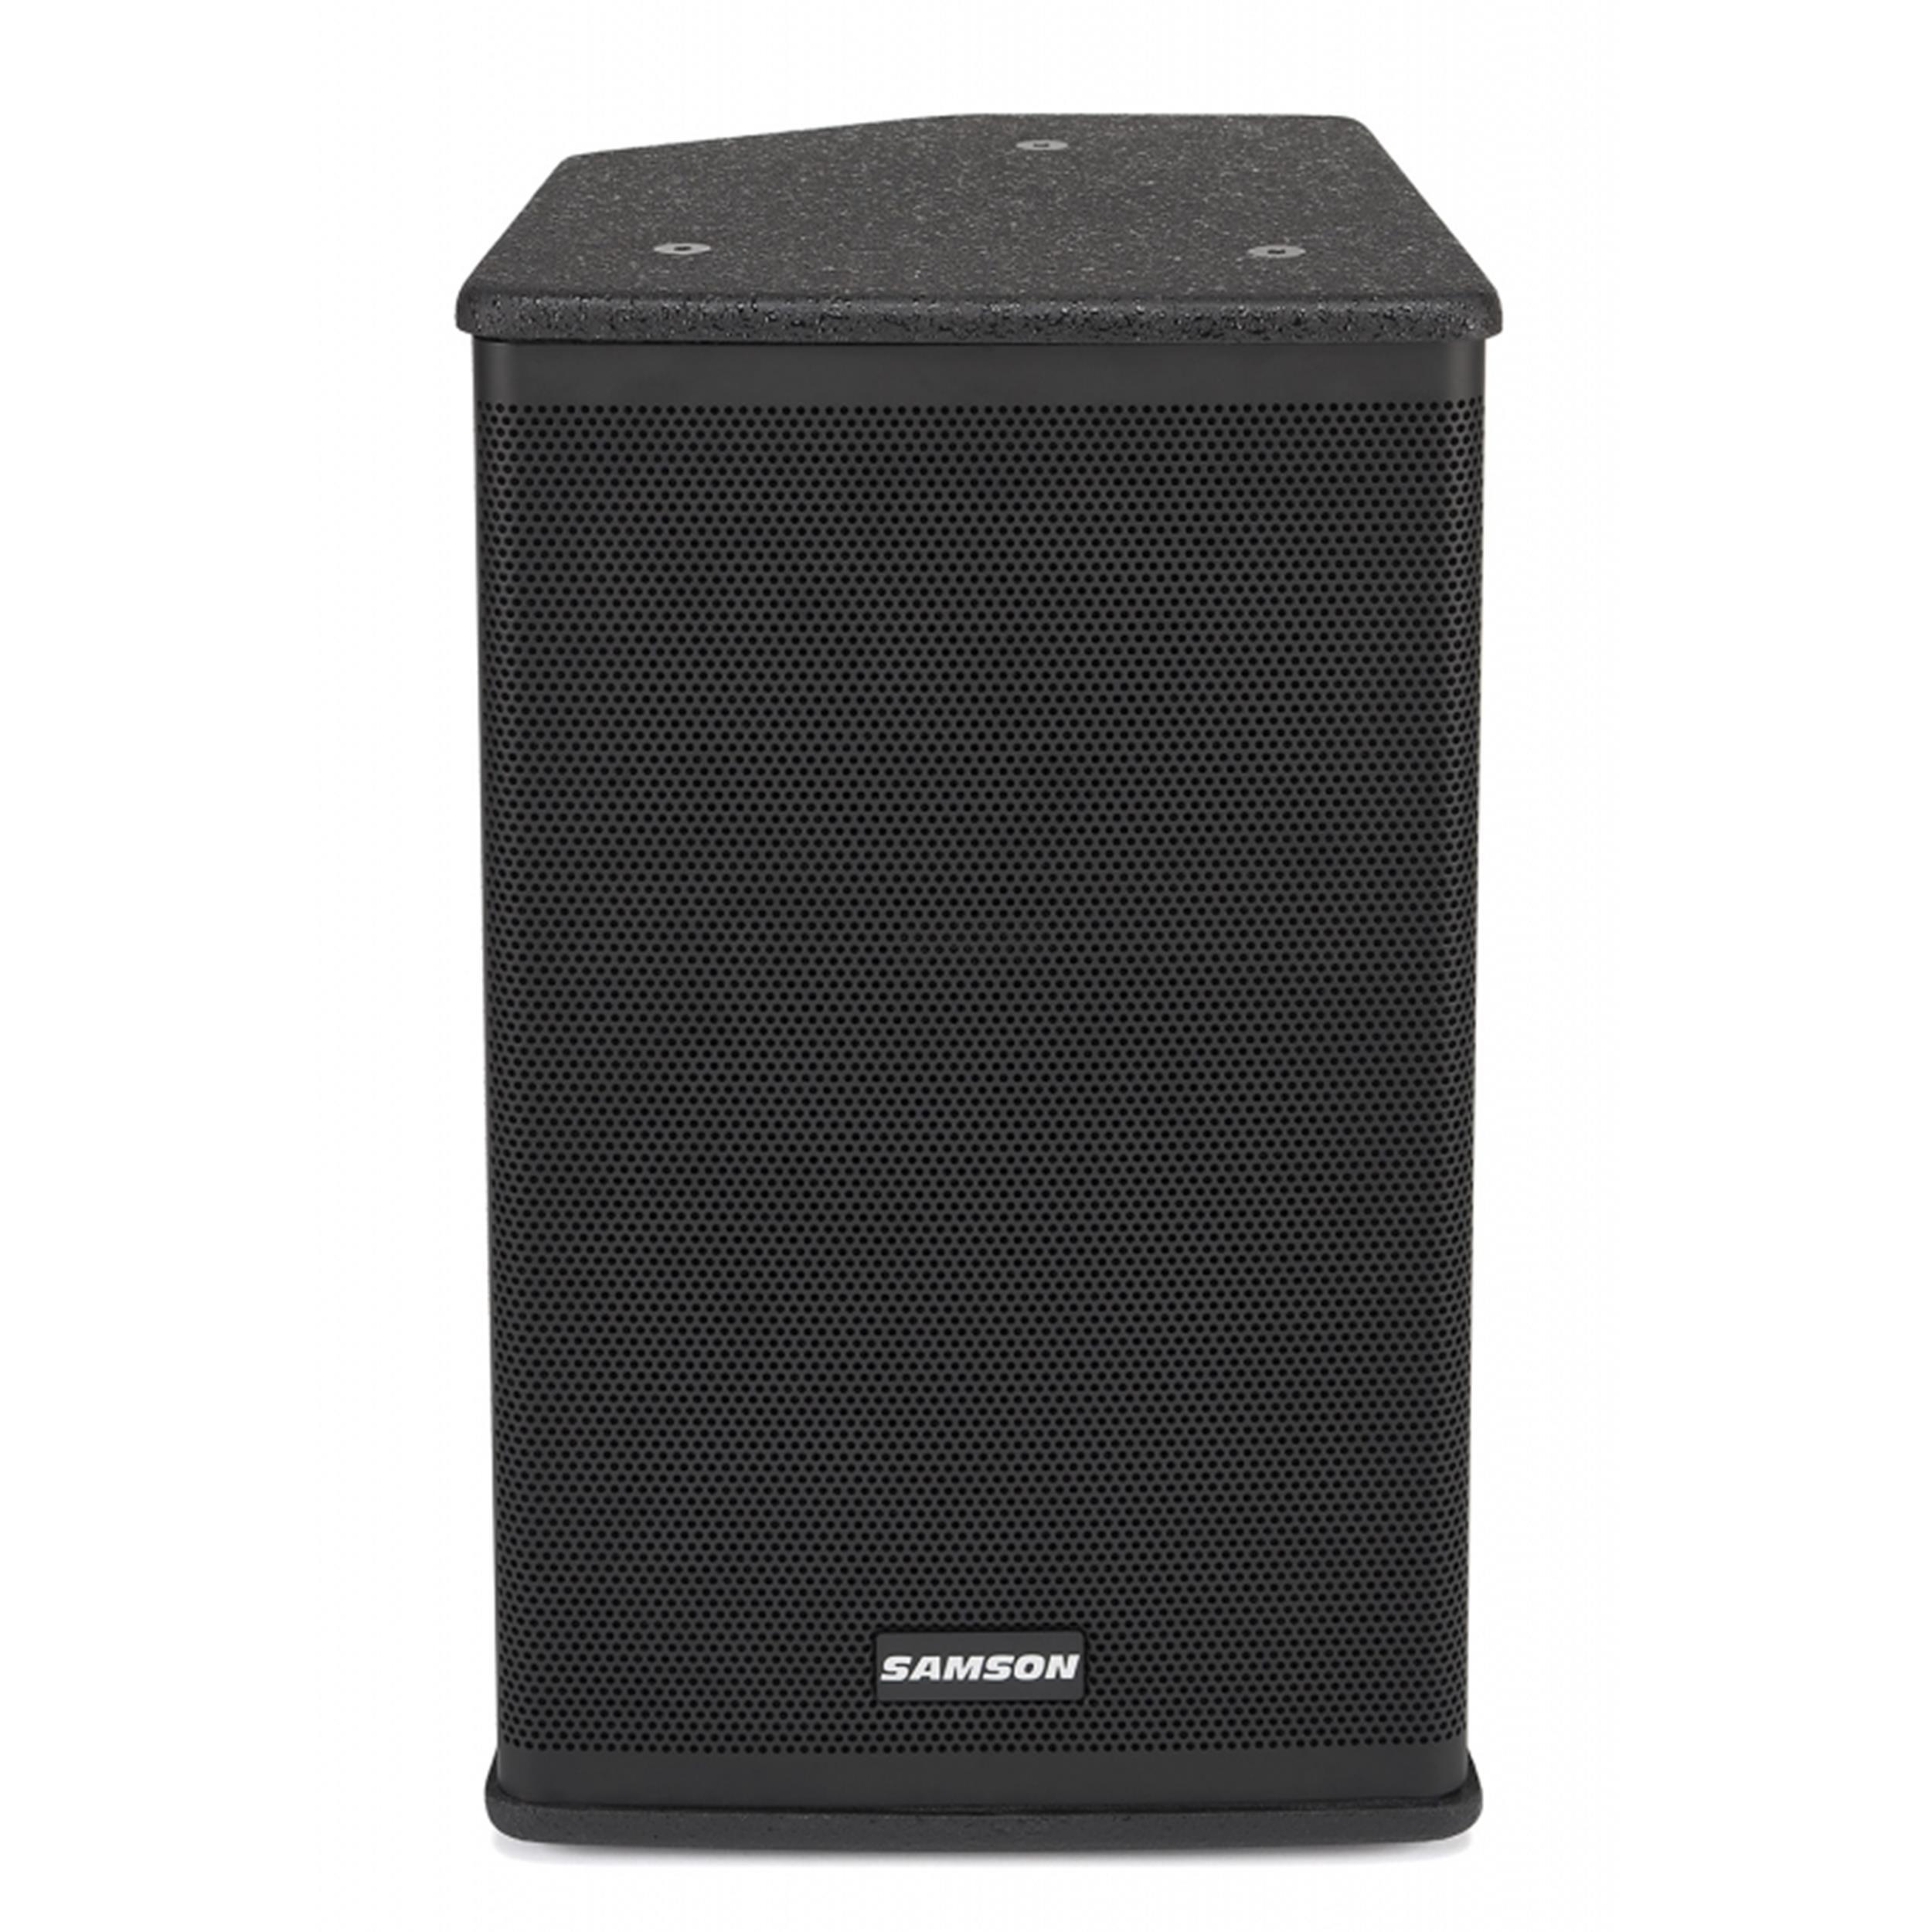 Samson-RSX110-Diffusore-Passivo-300W-sku-7643280605003